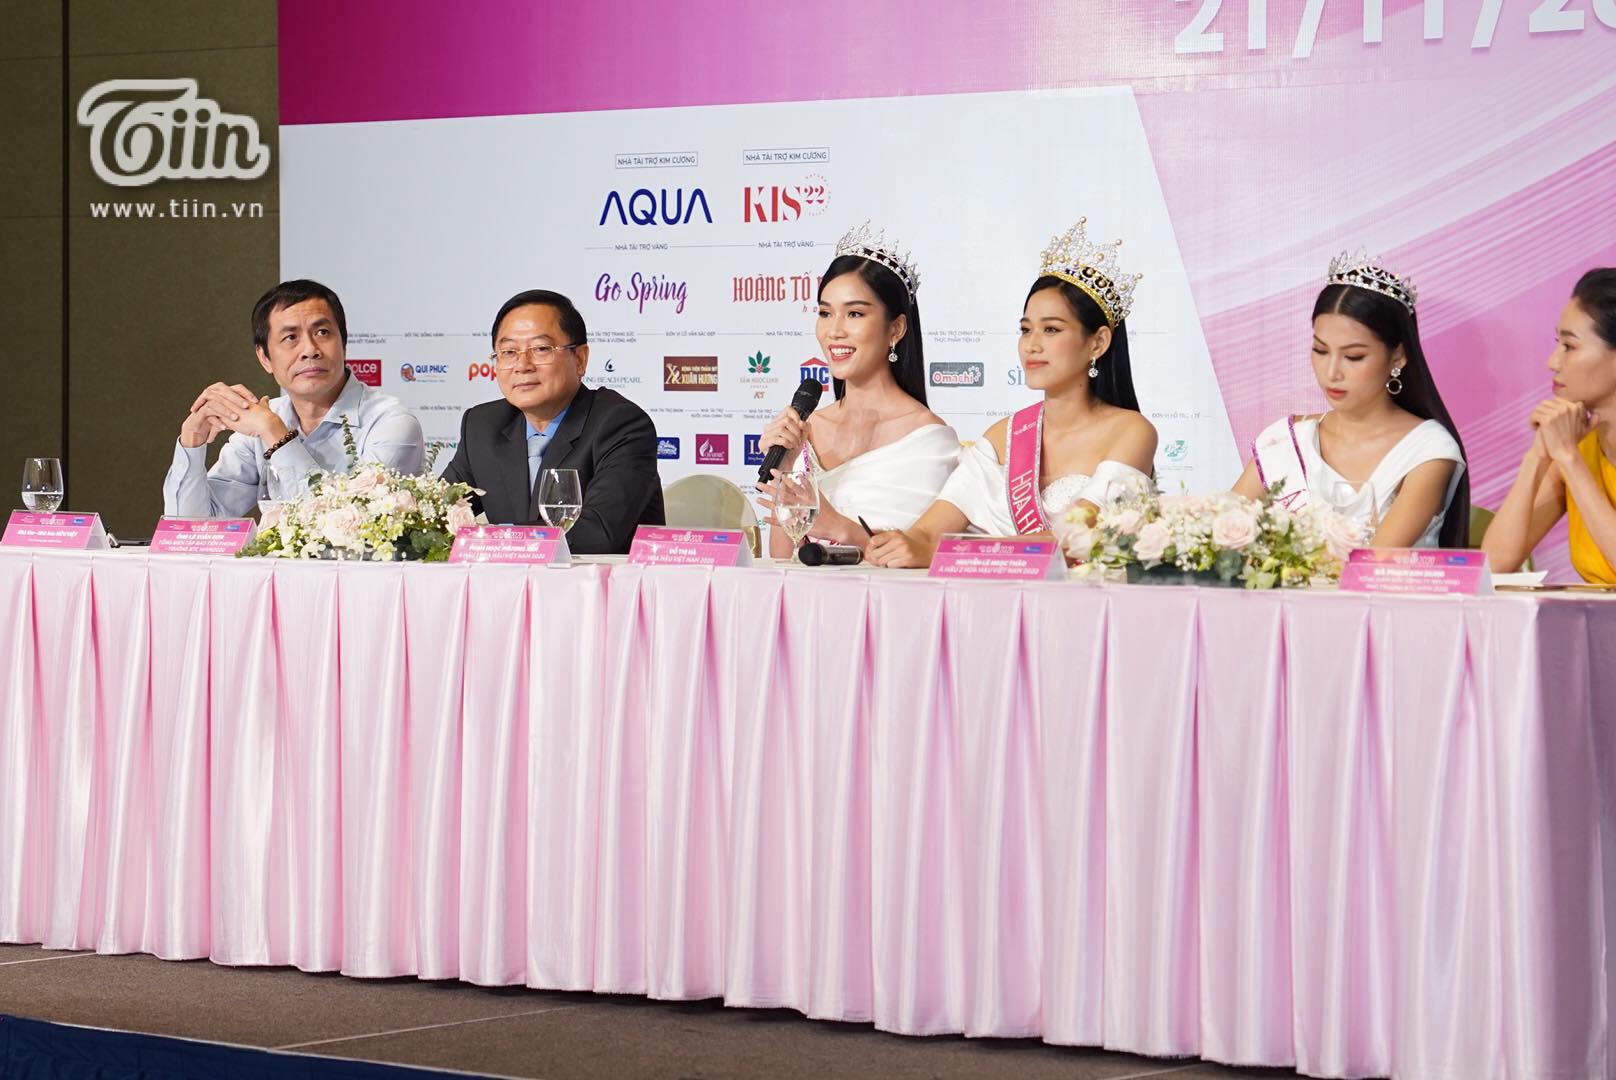 Top 3 Hoa hậu Việt Nam và ban tổ chức giao lưu cùng truyền thông để chia sẻ những thông tin xoay quanh Hoa hậu, Á hậu và đêm chung kết của cuộc thi.